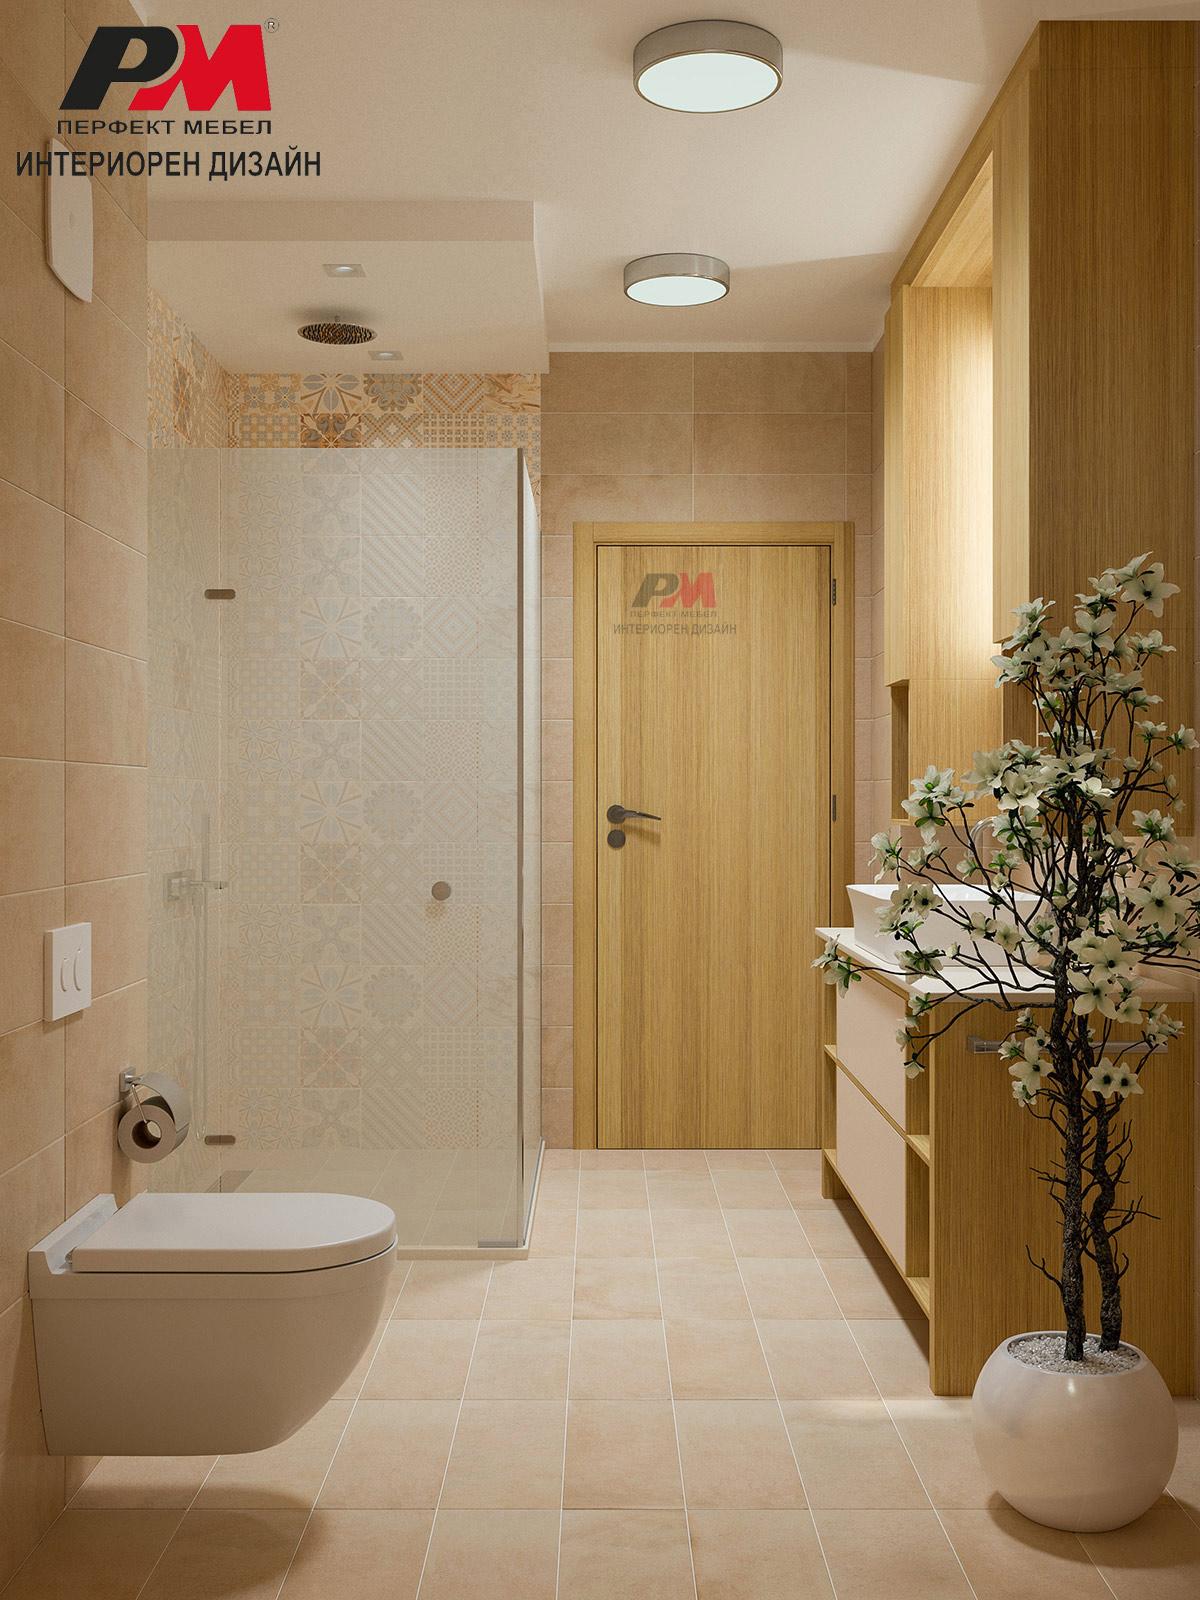 Модерен интериорен дизайн на баня 7кв.м. с португалски привкус